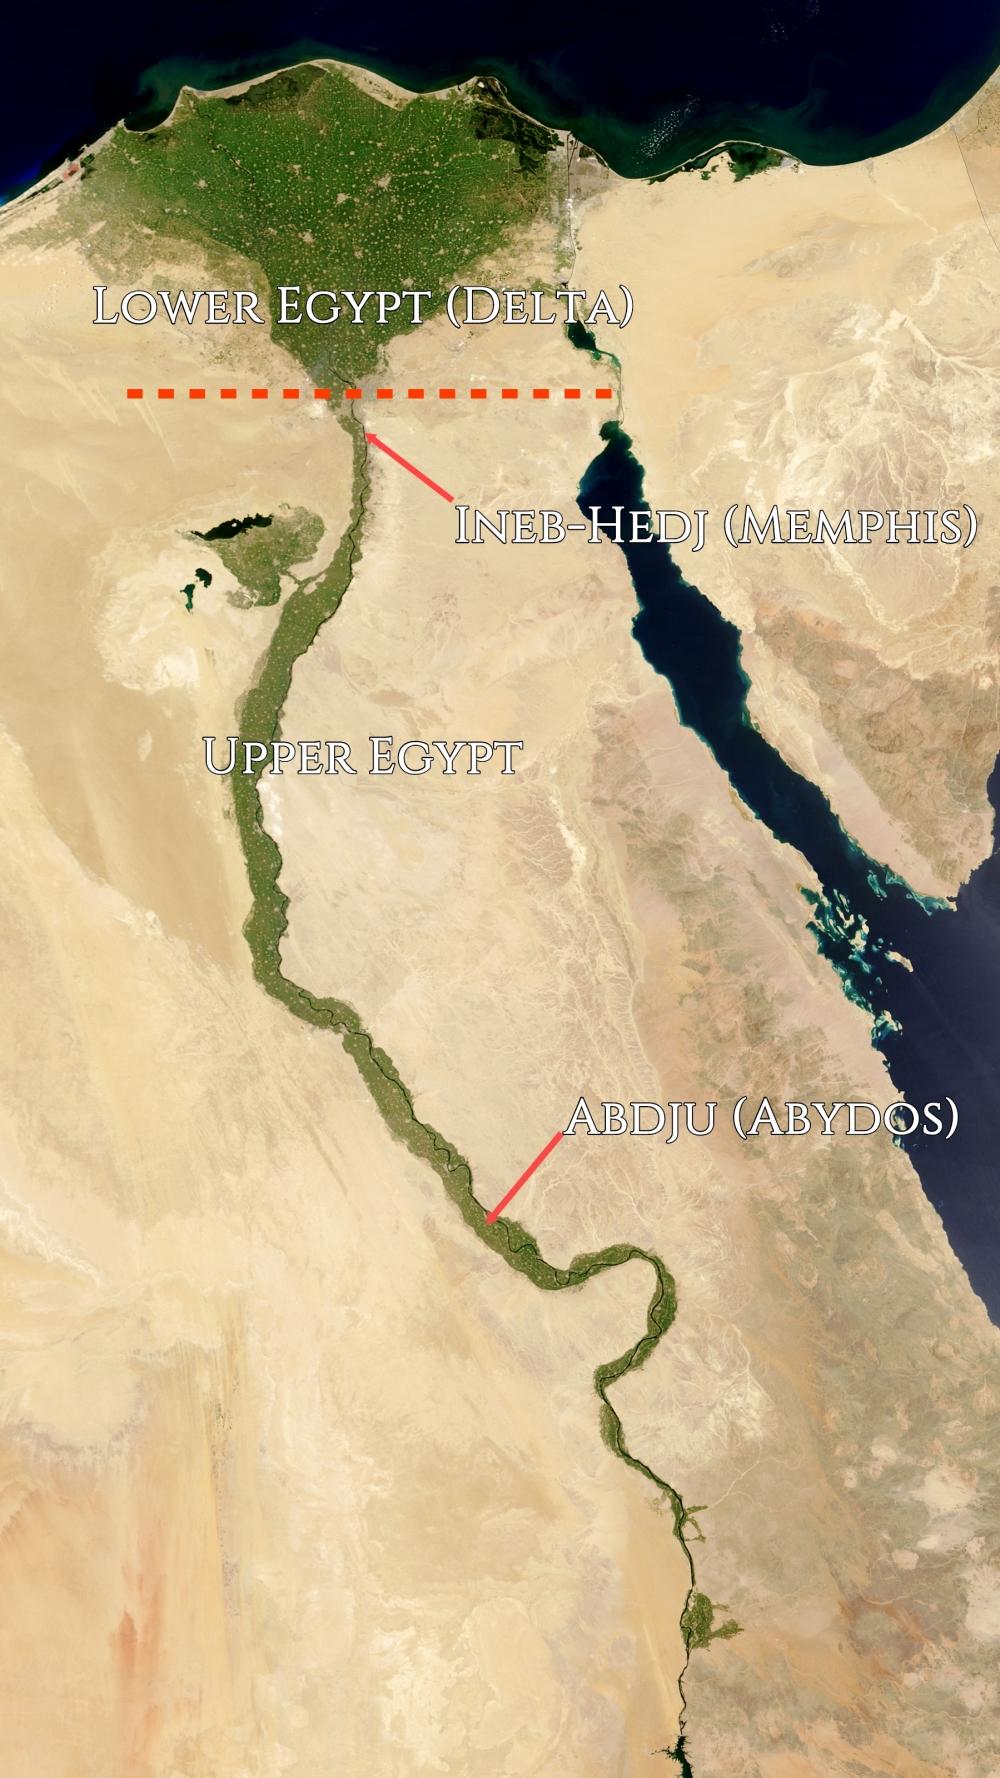 egypt-map-nasa-captioned